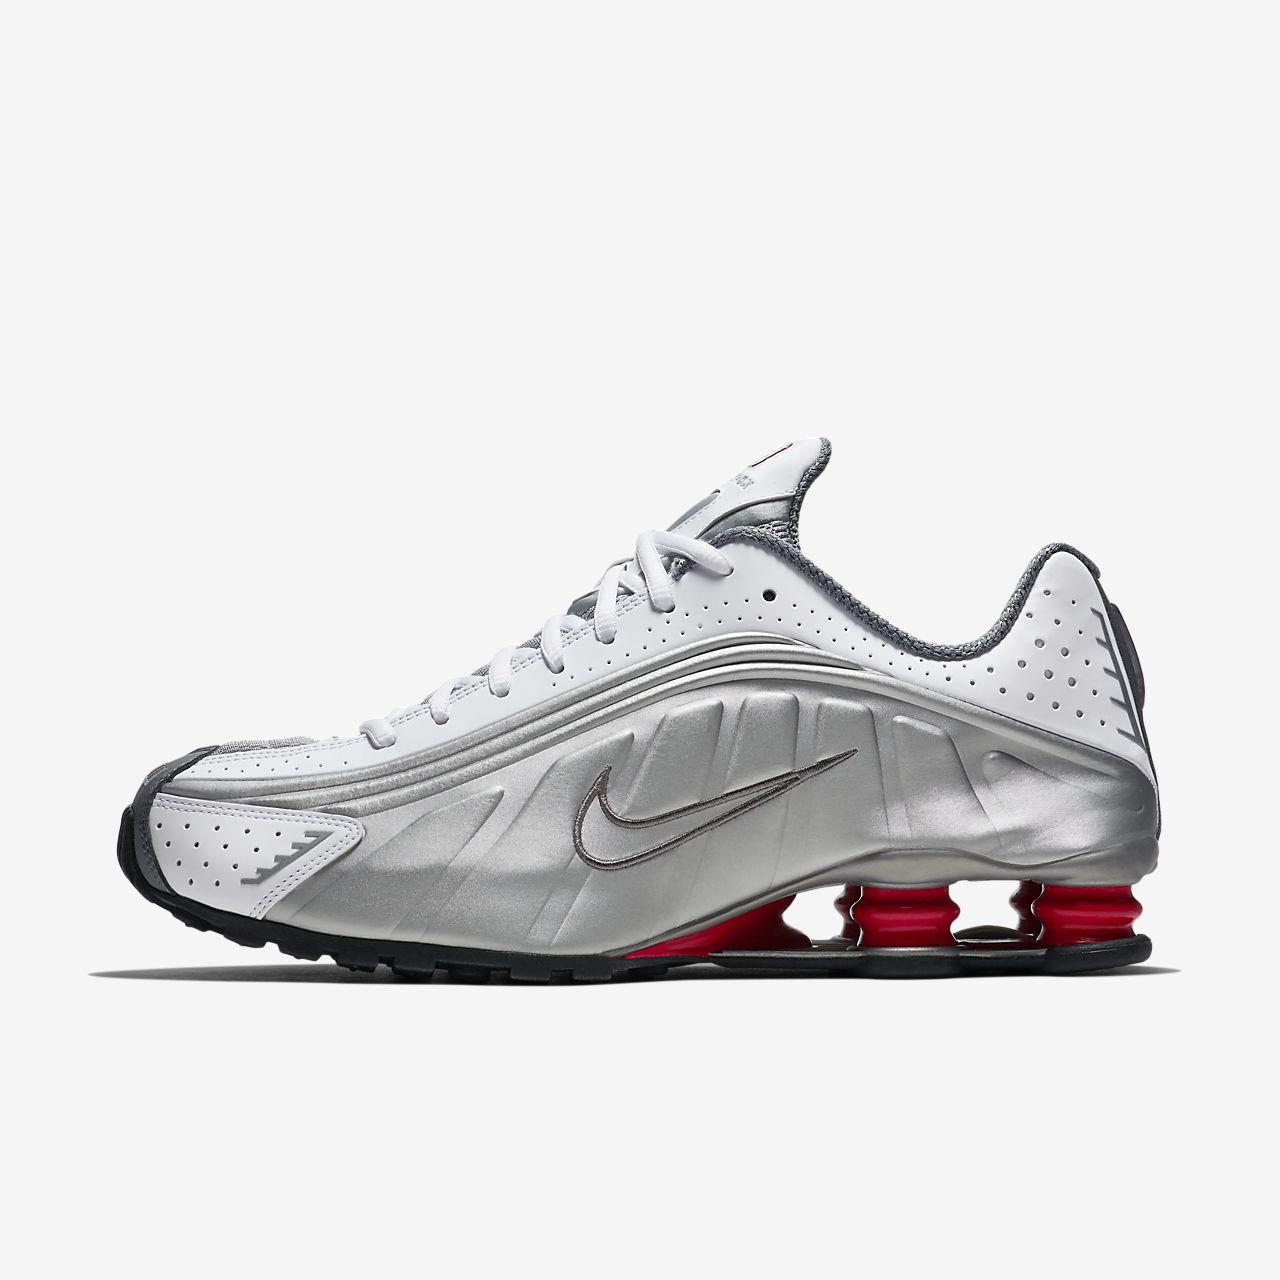 Nike Shox R4-sko